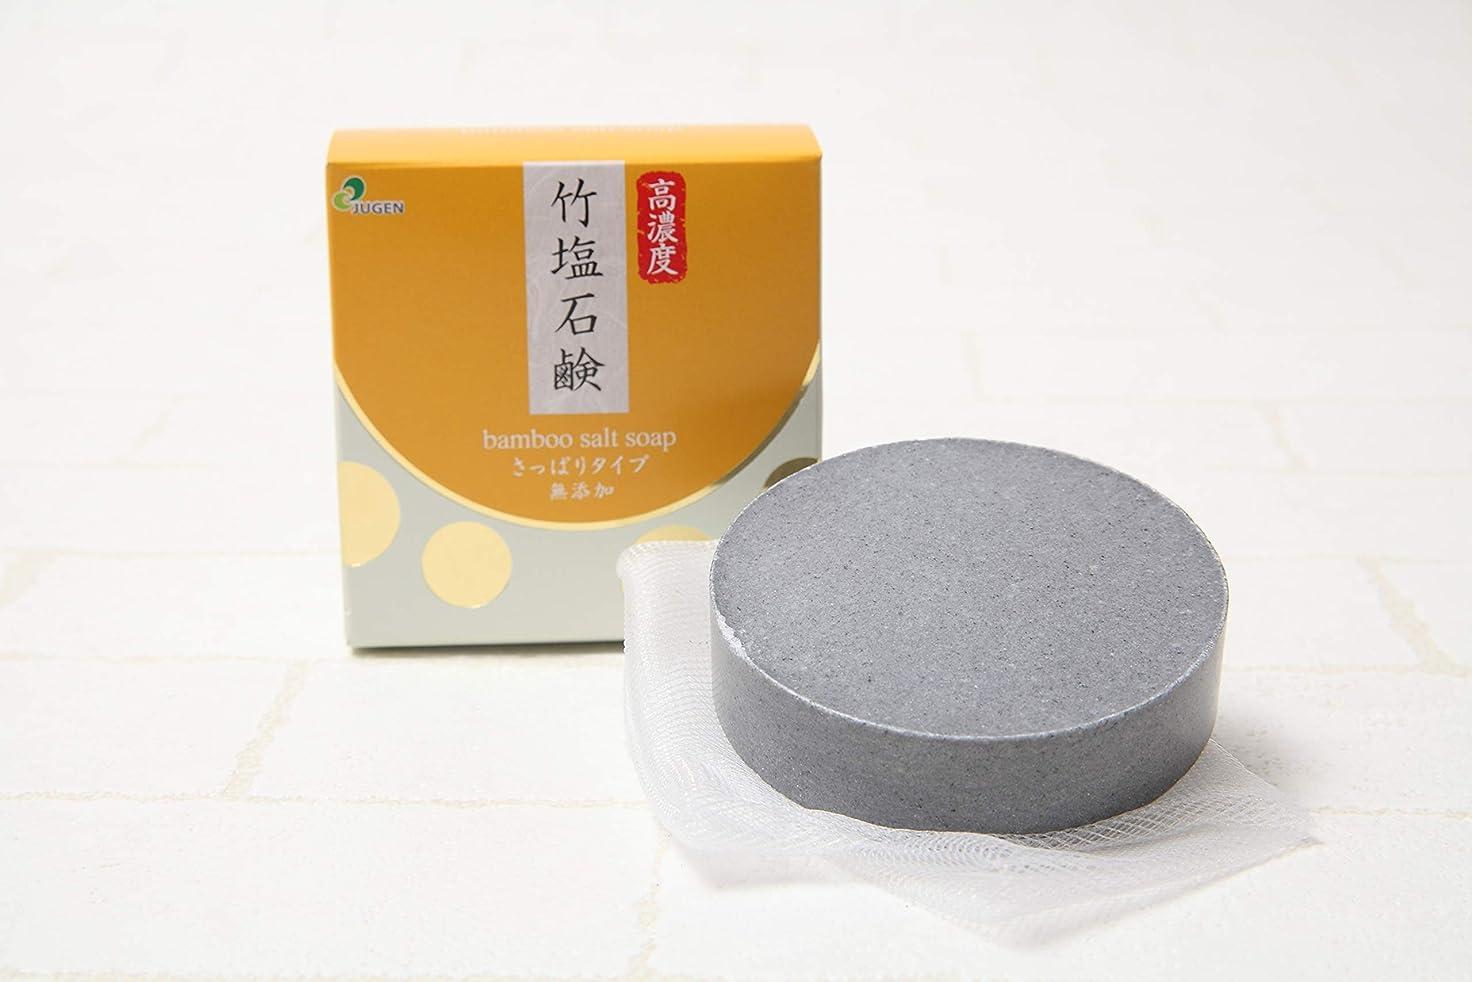 かび臭いマガジン禁じるジュゲン 高濃度 竹塩石鹸(洗顔せっけん石けん) 80g 泡立てネット付き